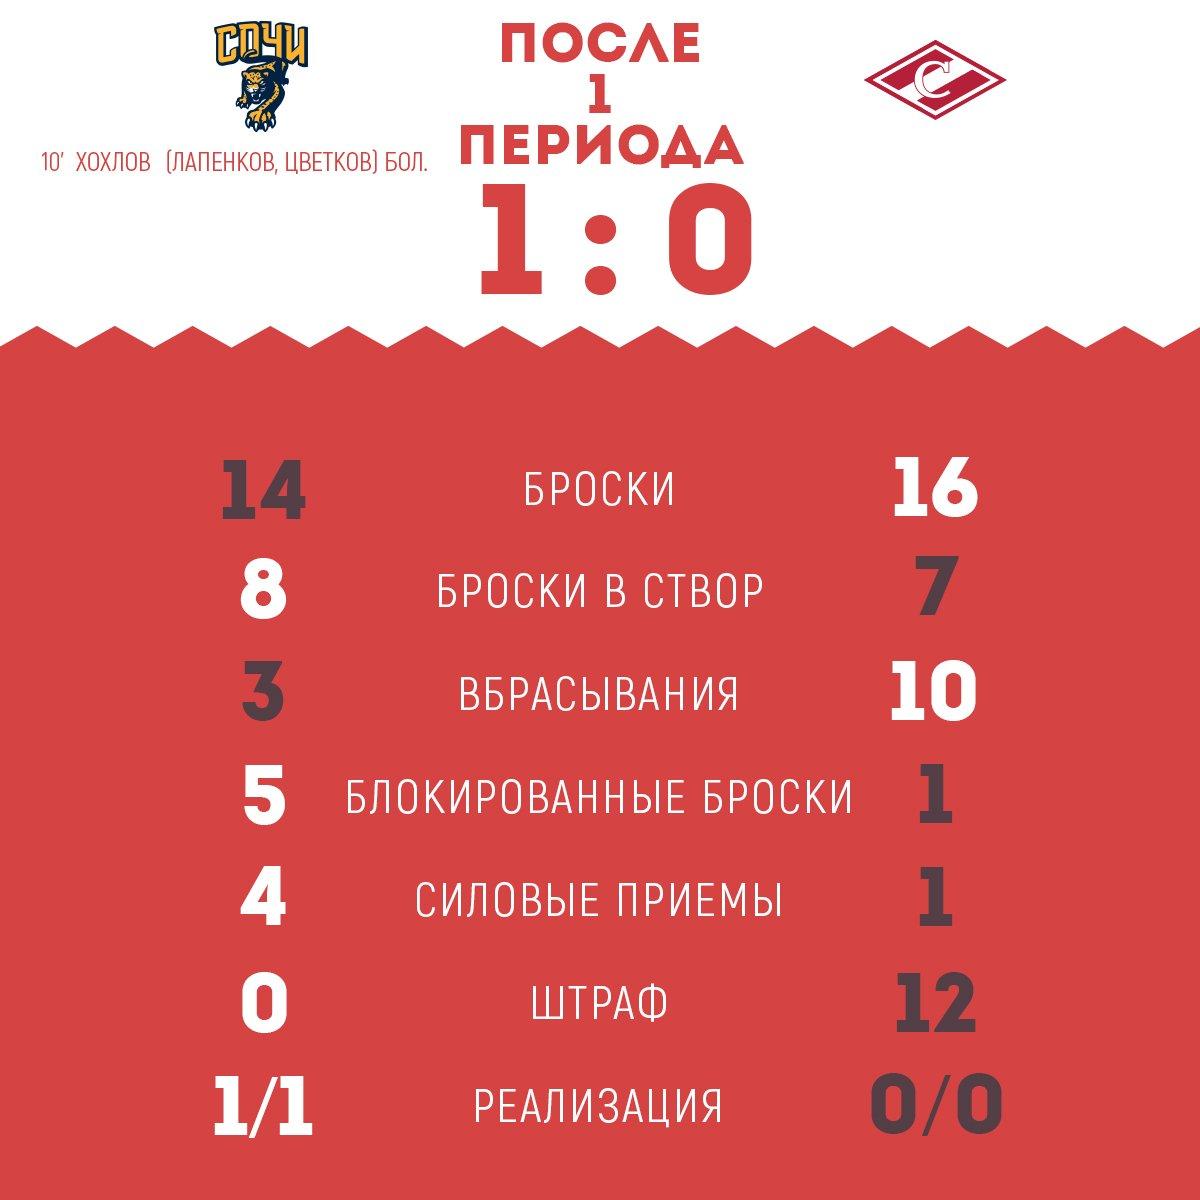 Статистика матча «Сочи» vs «Спартак» после 1-го периода